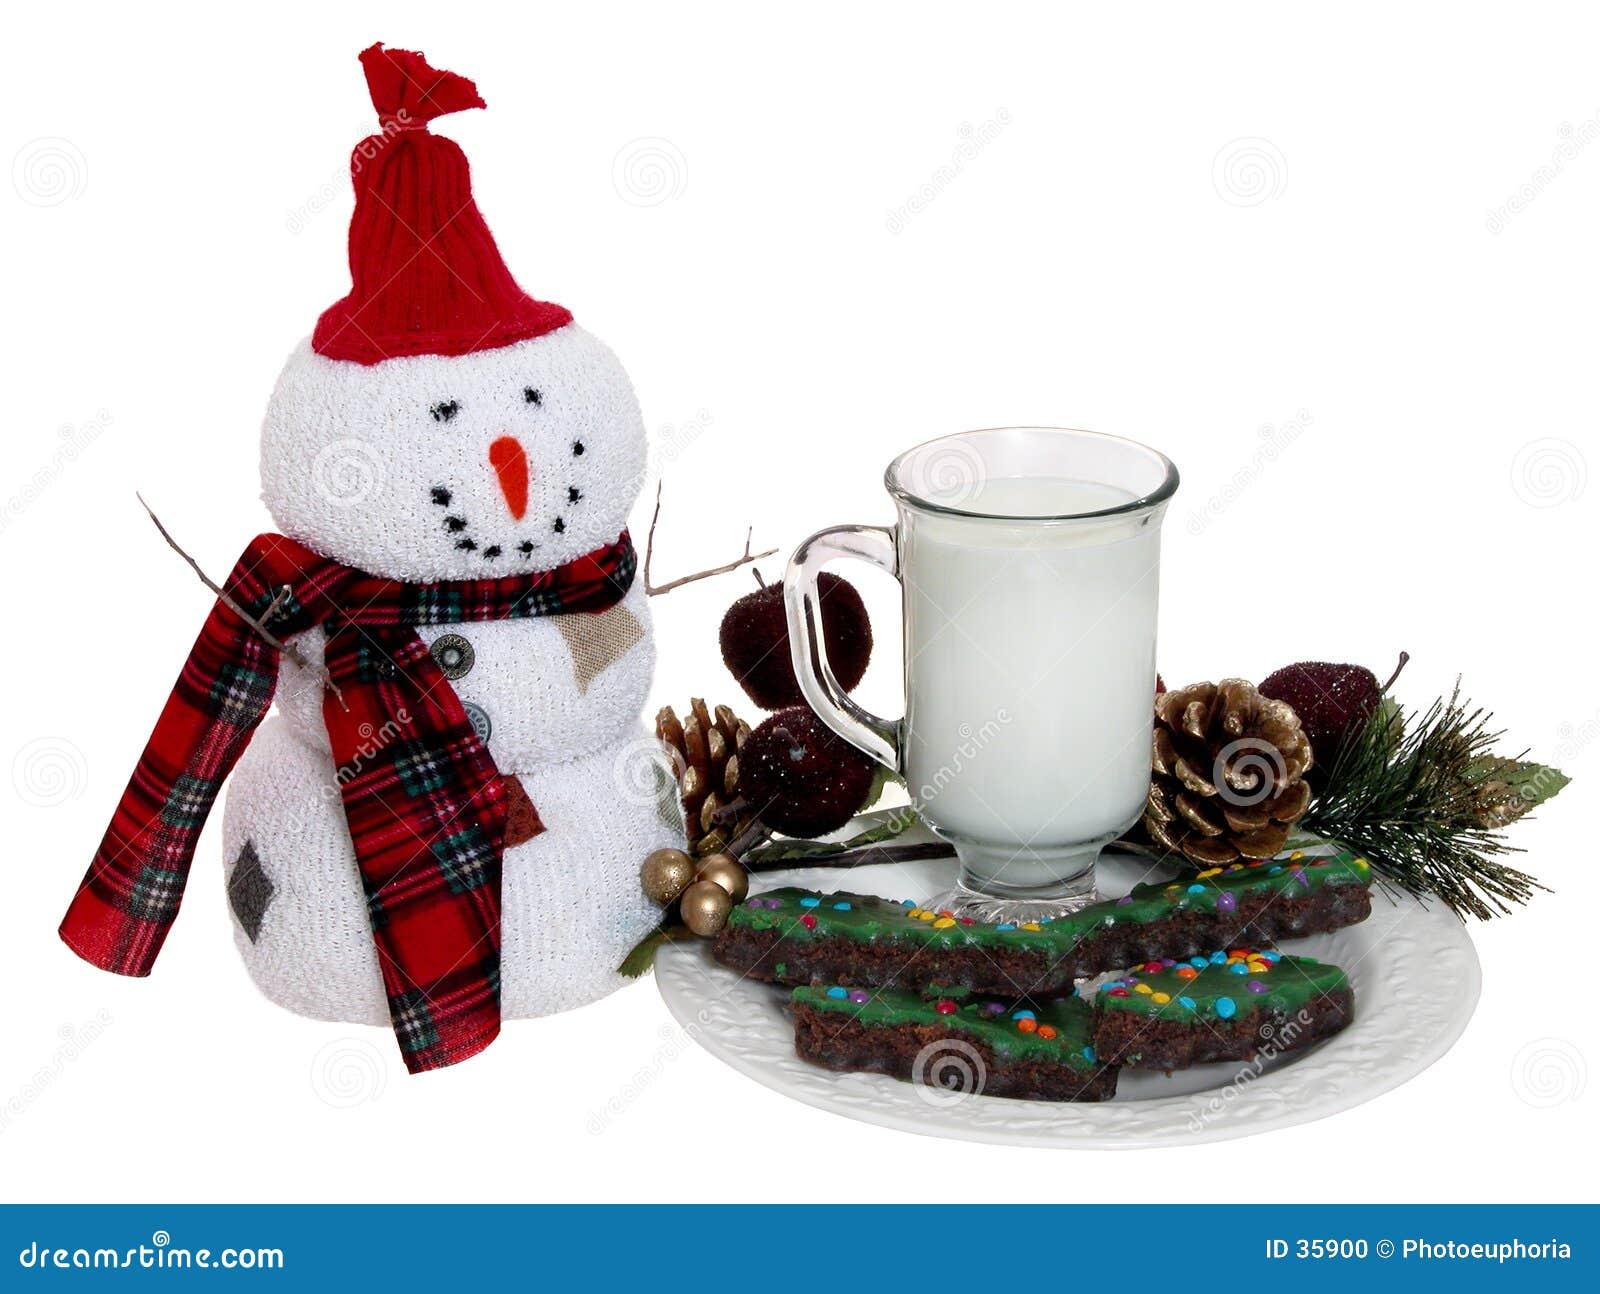 Koekjes & Melk voor Kerstman